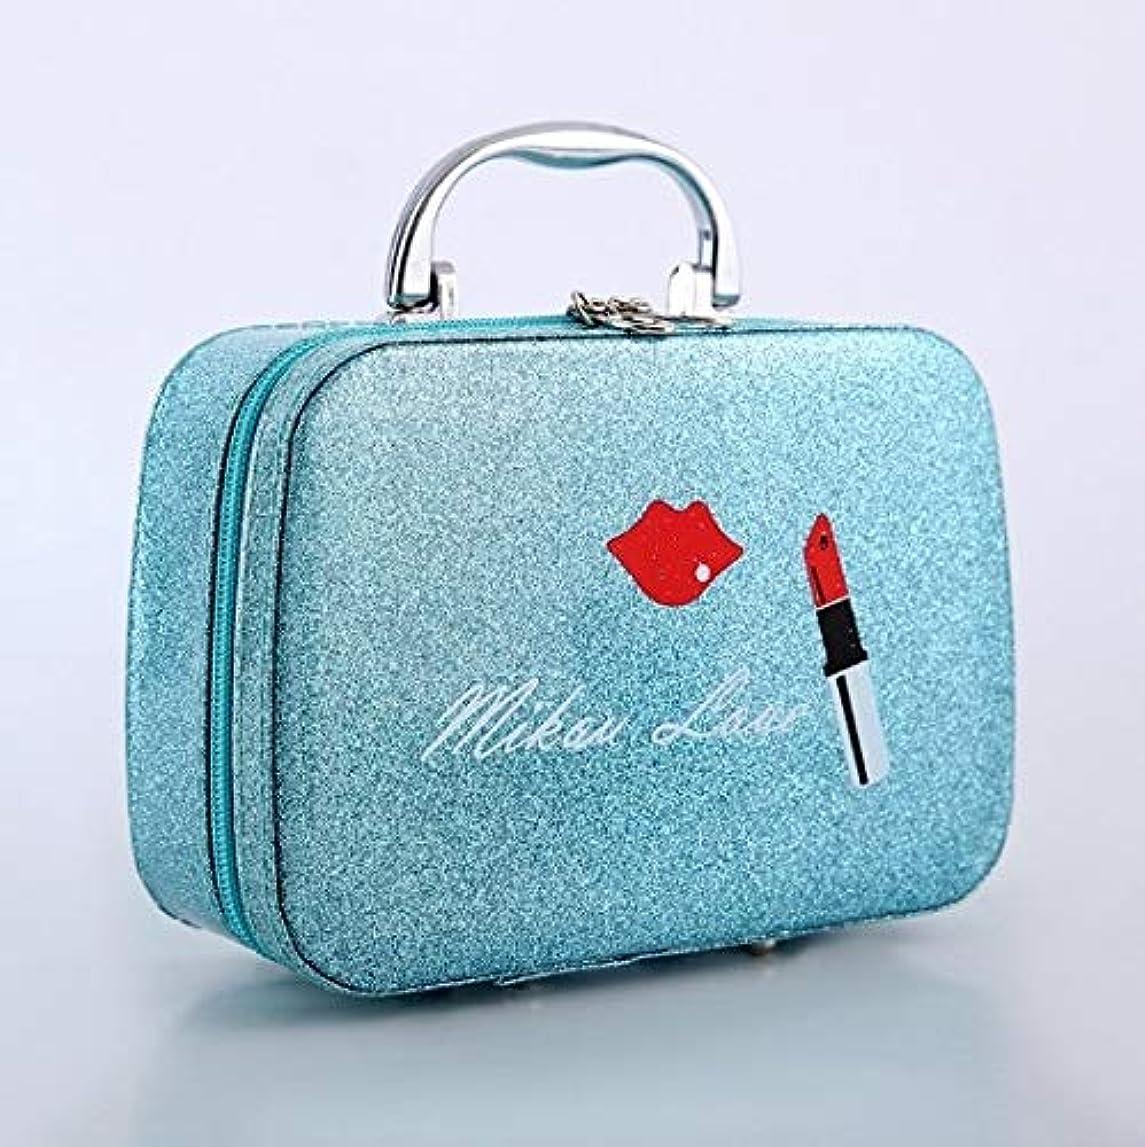 アリ裕福な印象化粧箱、口紅の唇、スクラブ、携帯用化粧品ケース、携帯用旅行化粧品ケース、美容ネイルジュエリー収納ボックス